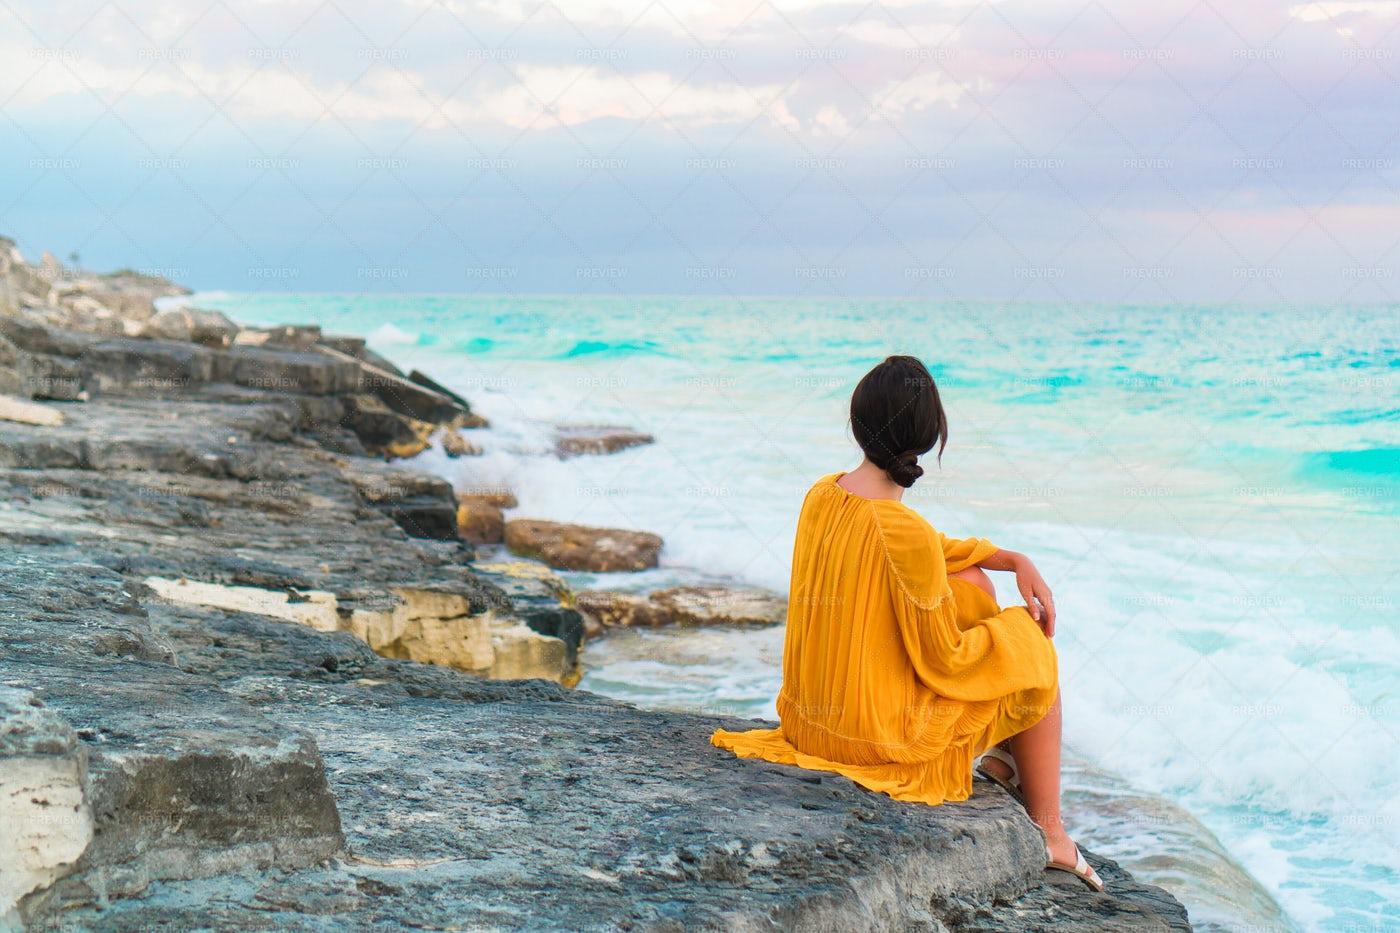 Woman Enjoys The Ocean View: Stock Photos